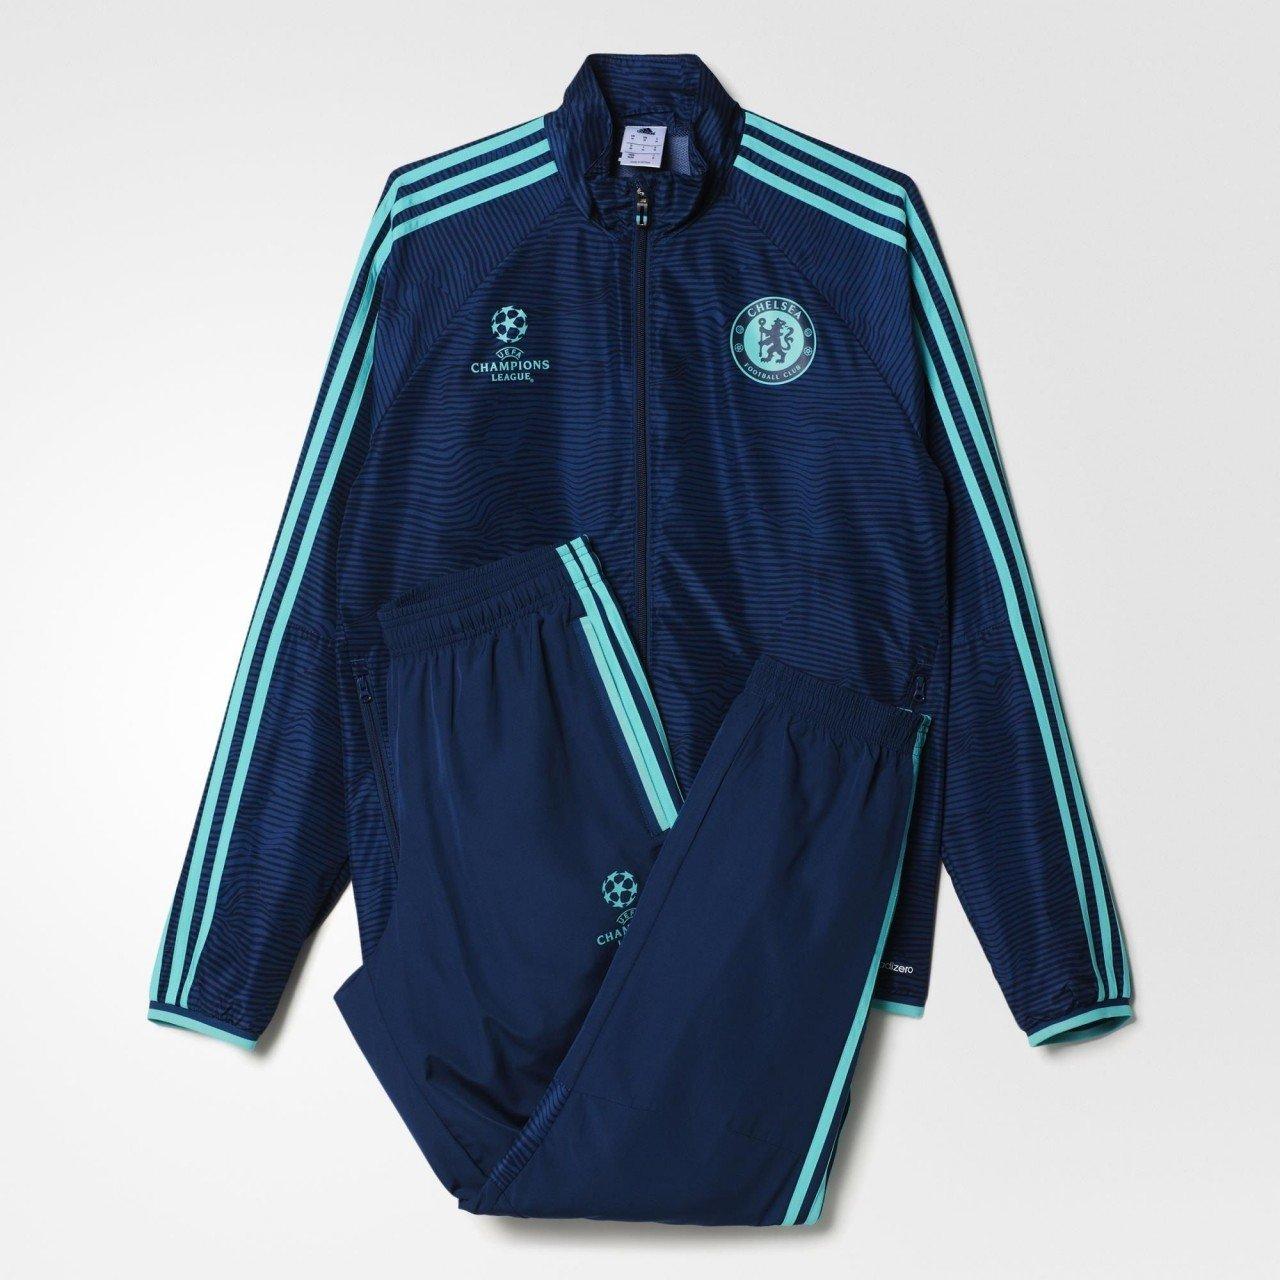 adidas CFC EU Pre Suit Chándal, Hombre, Azul/Turquesa, XL: Amazon ...